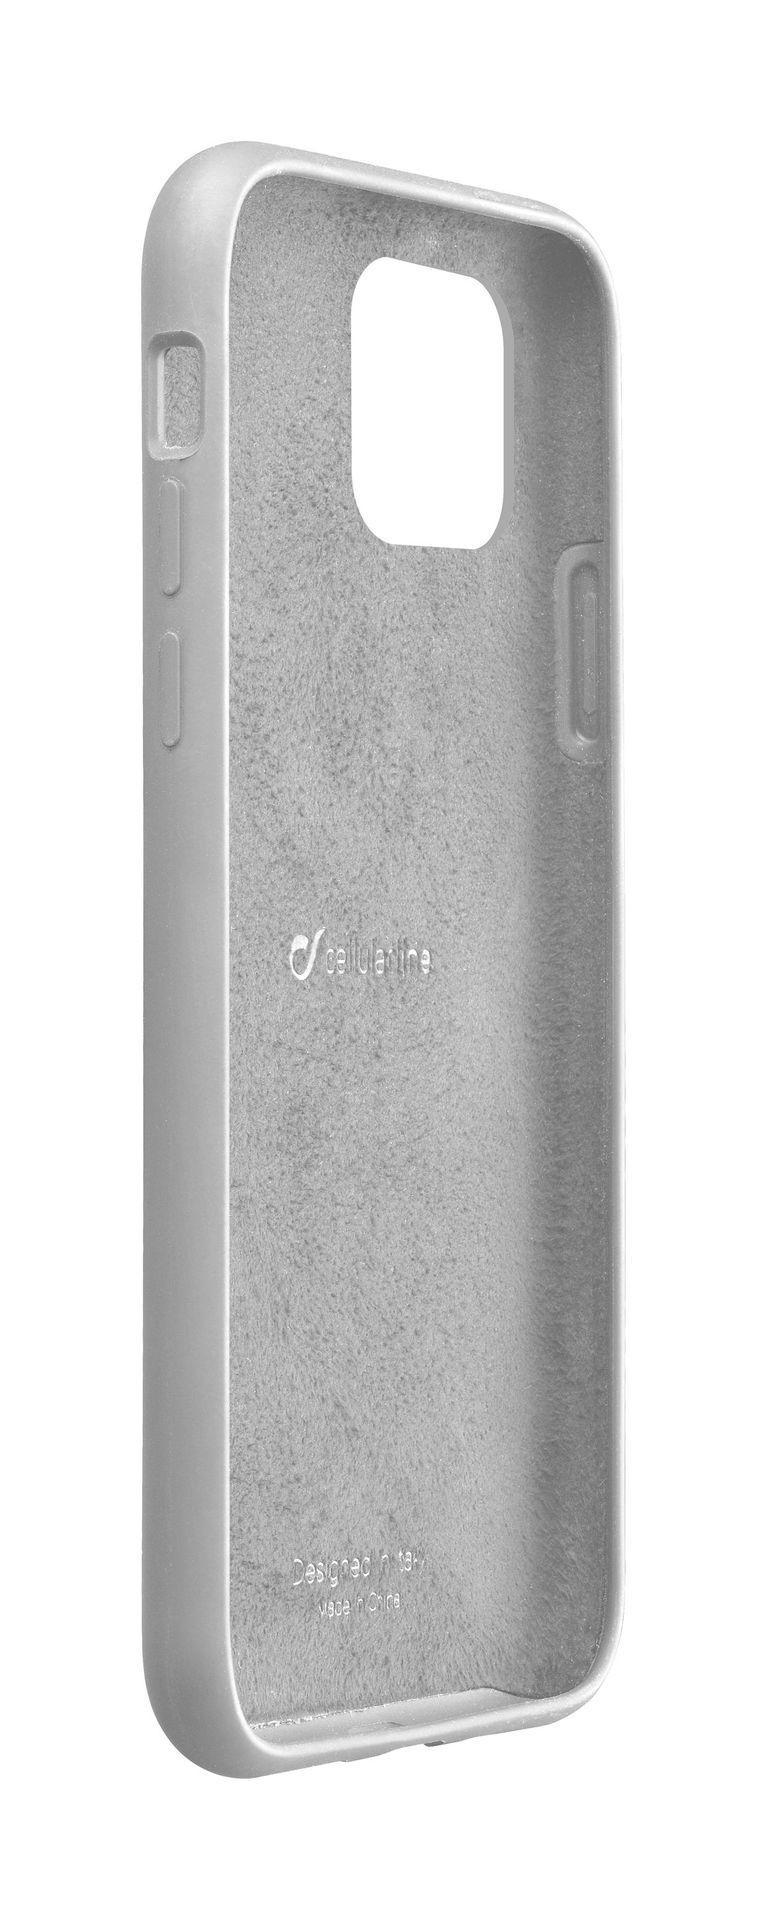 Калъф за iPhone 11 Pro Cellularline - Sensation, сив - 2